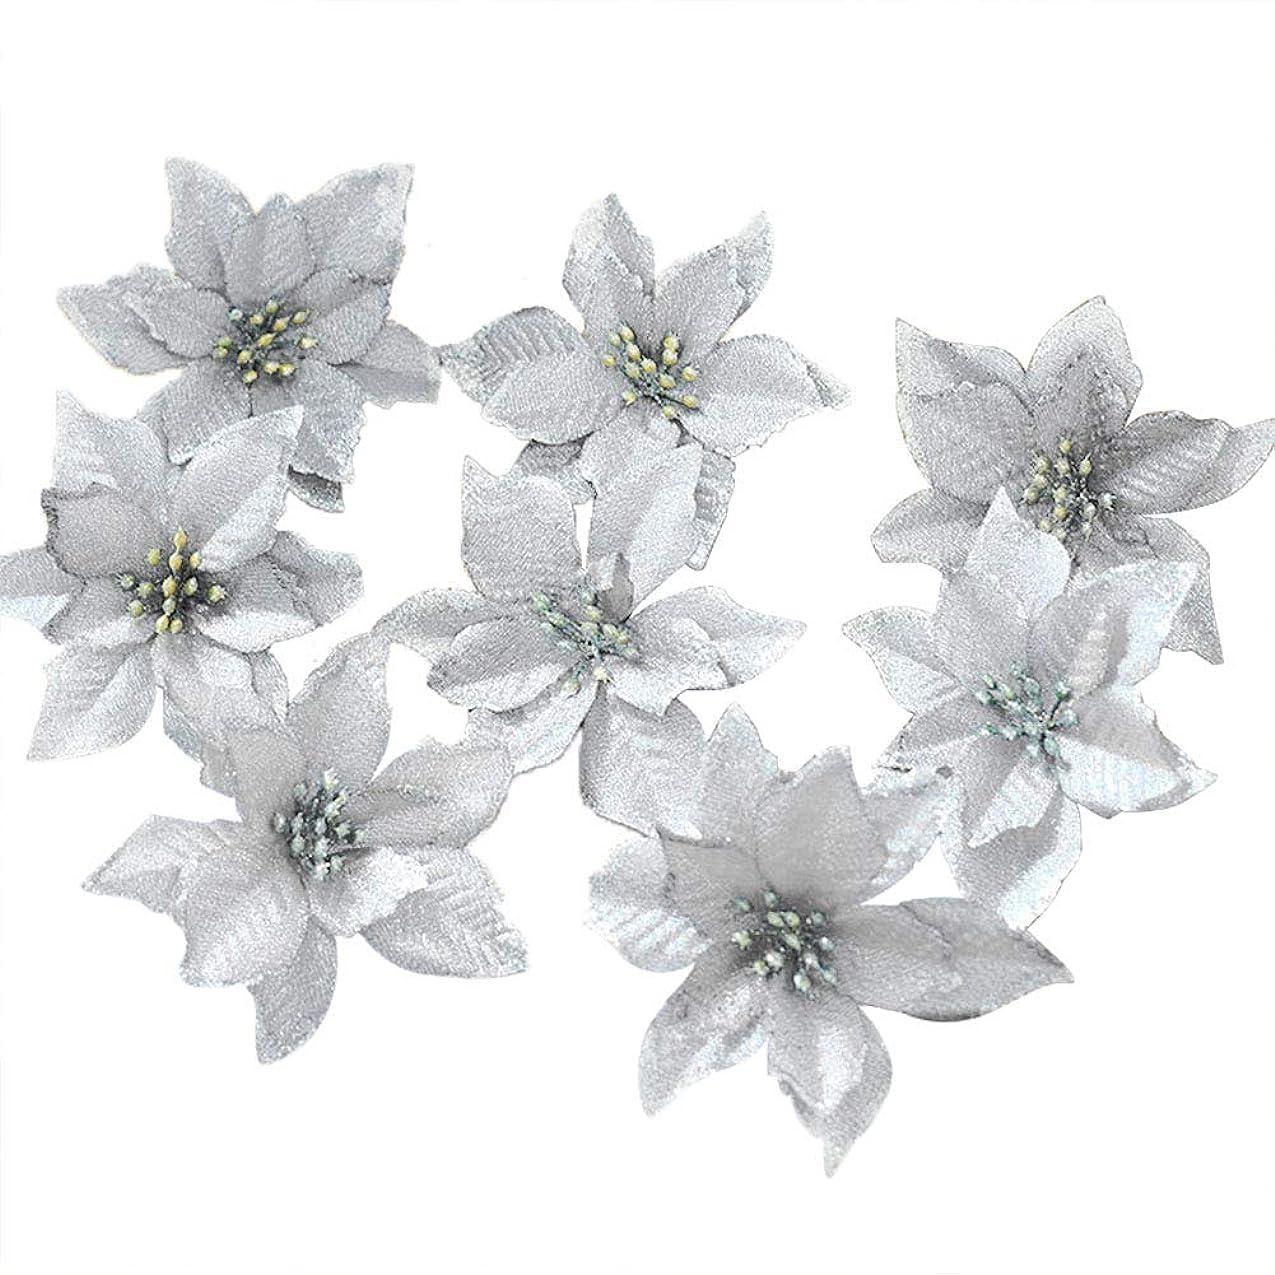 サージ典型的な大理石Shsyue 人工花造花フラワーキラキラDIYオーナメントデコレーションクリスマスツリー飾り用13CM 10個(銀)